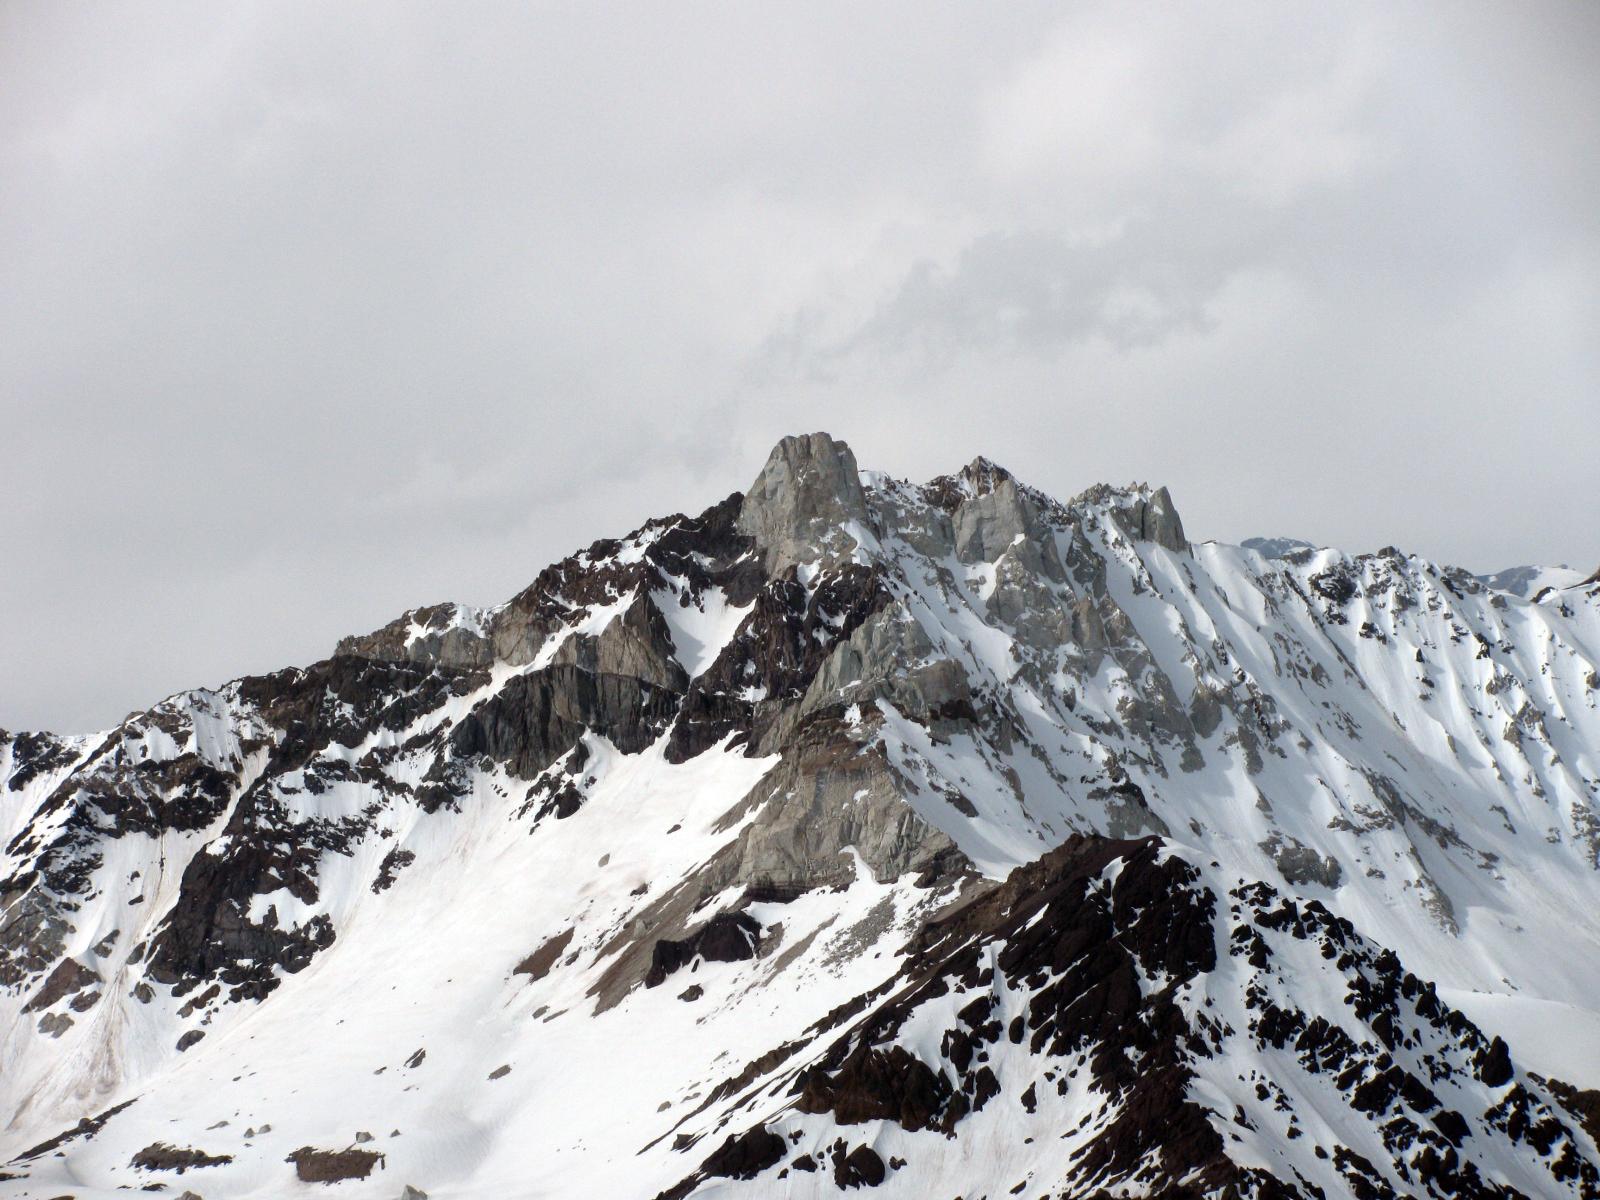 Unnamed peak in the Las Leñas Valley.